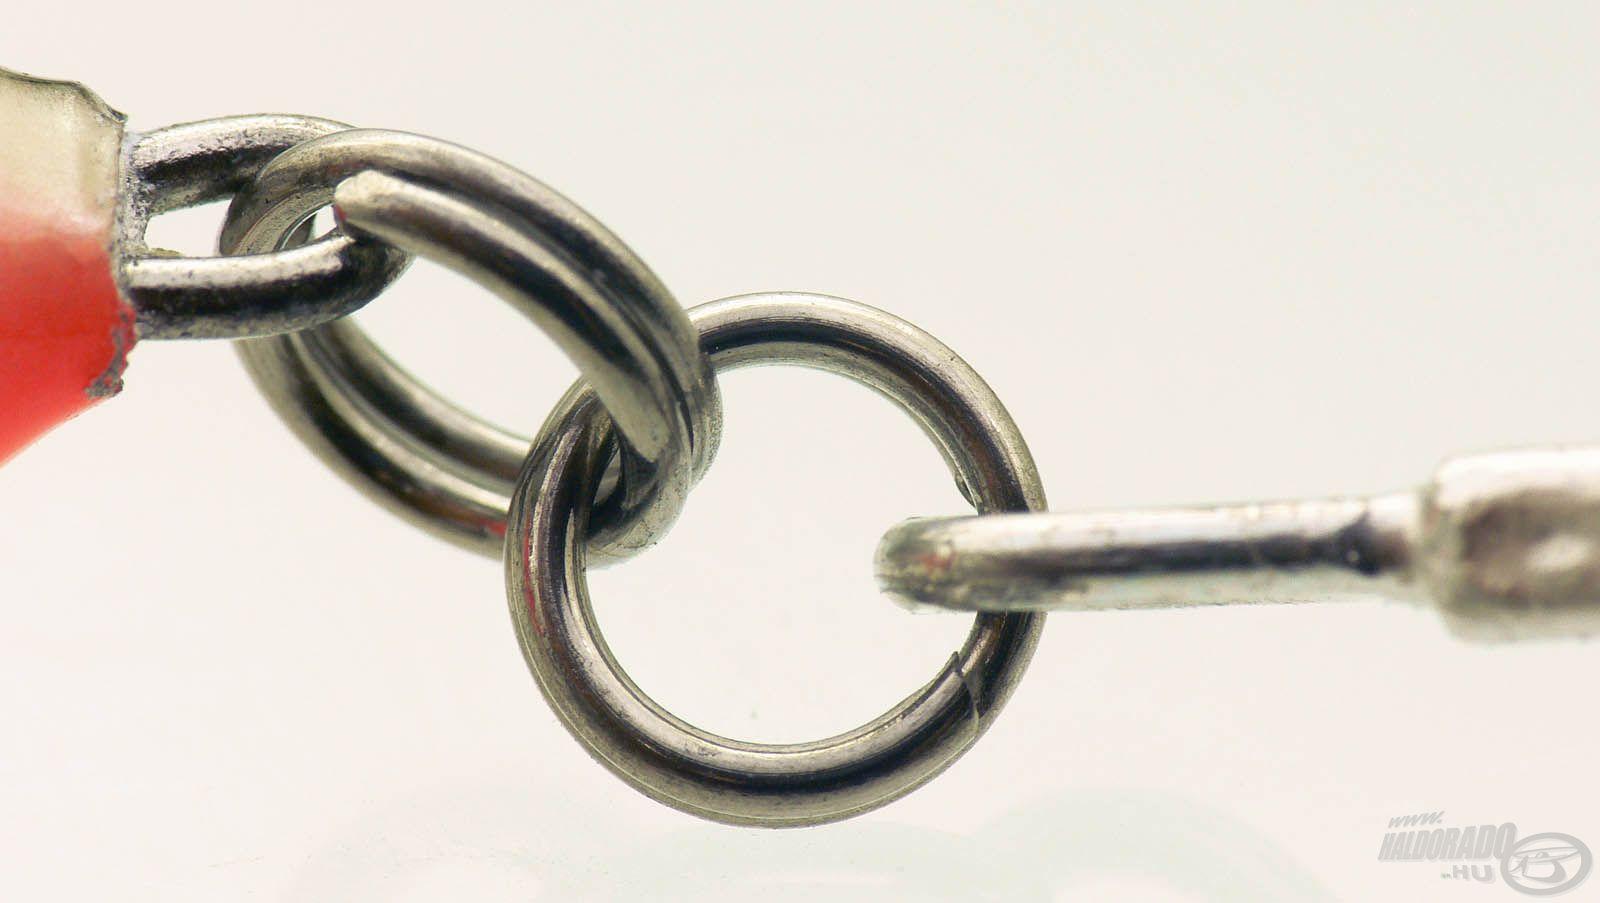 Megnyugtató biztosíték, hogy a wobbler testében végig van vezetve a fémszál, és hogy a horog erősített, dupla kulcskarikával rögzül a csalihoz